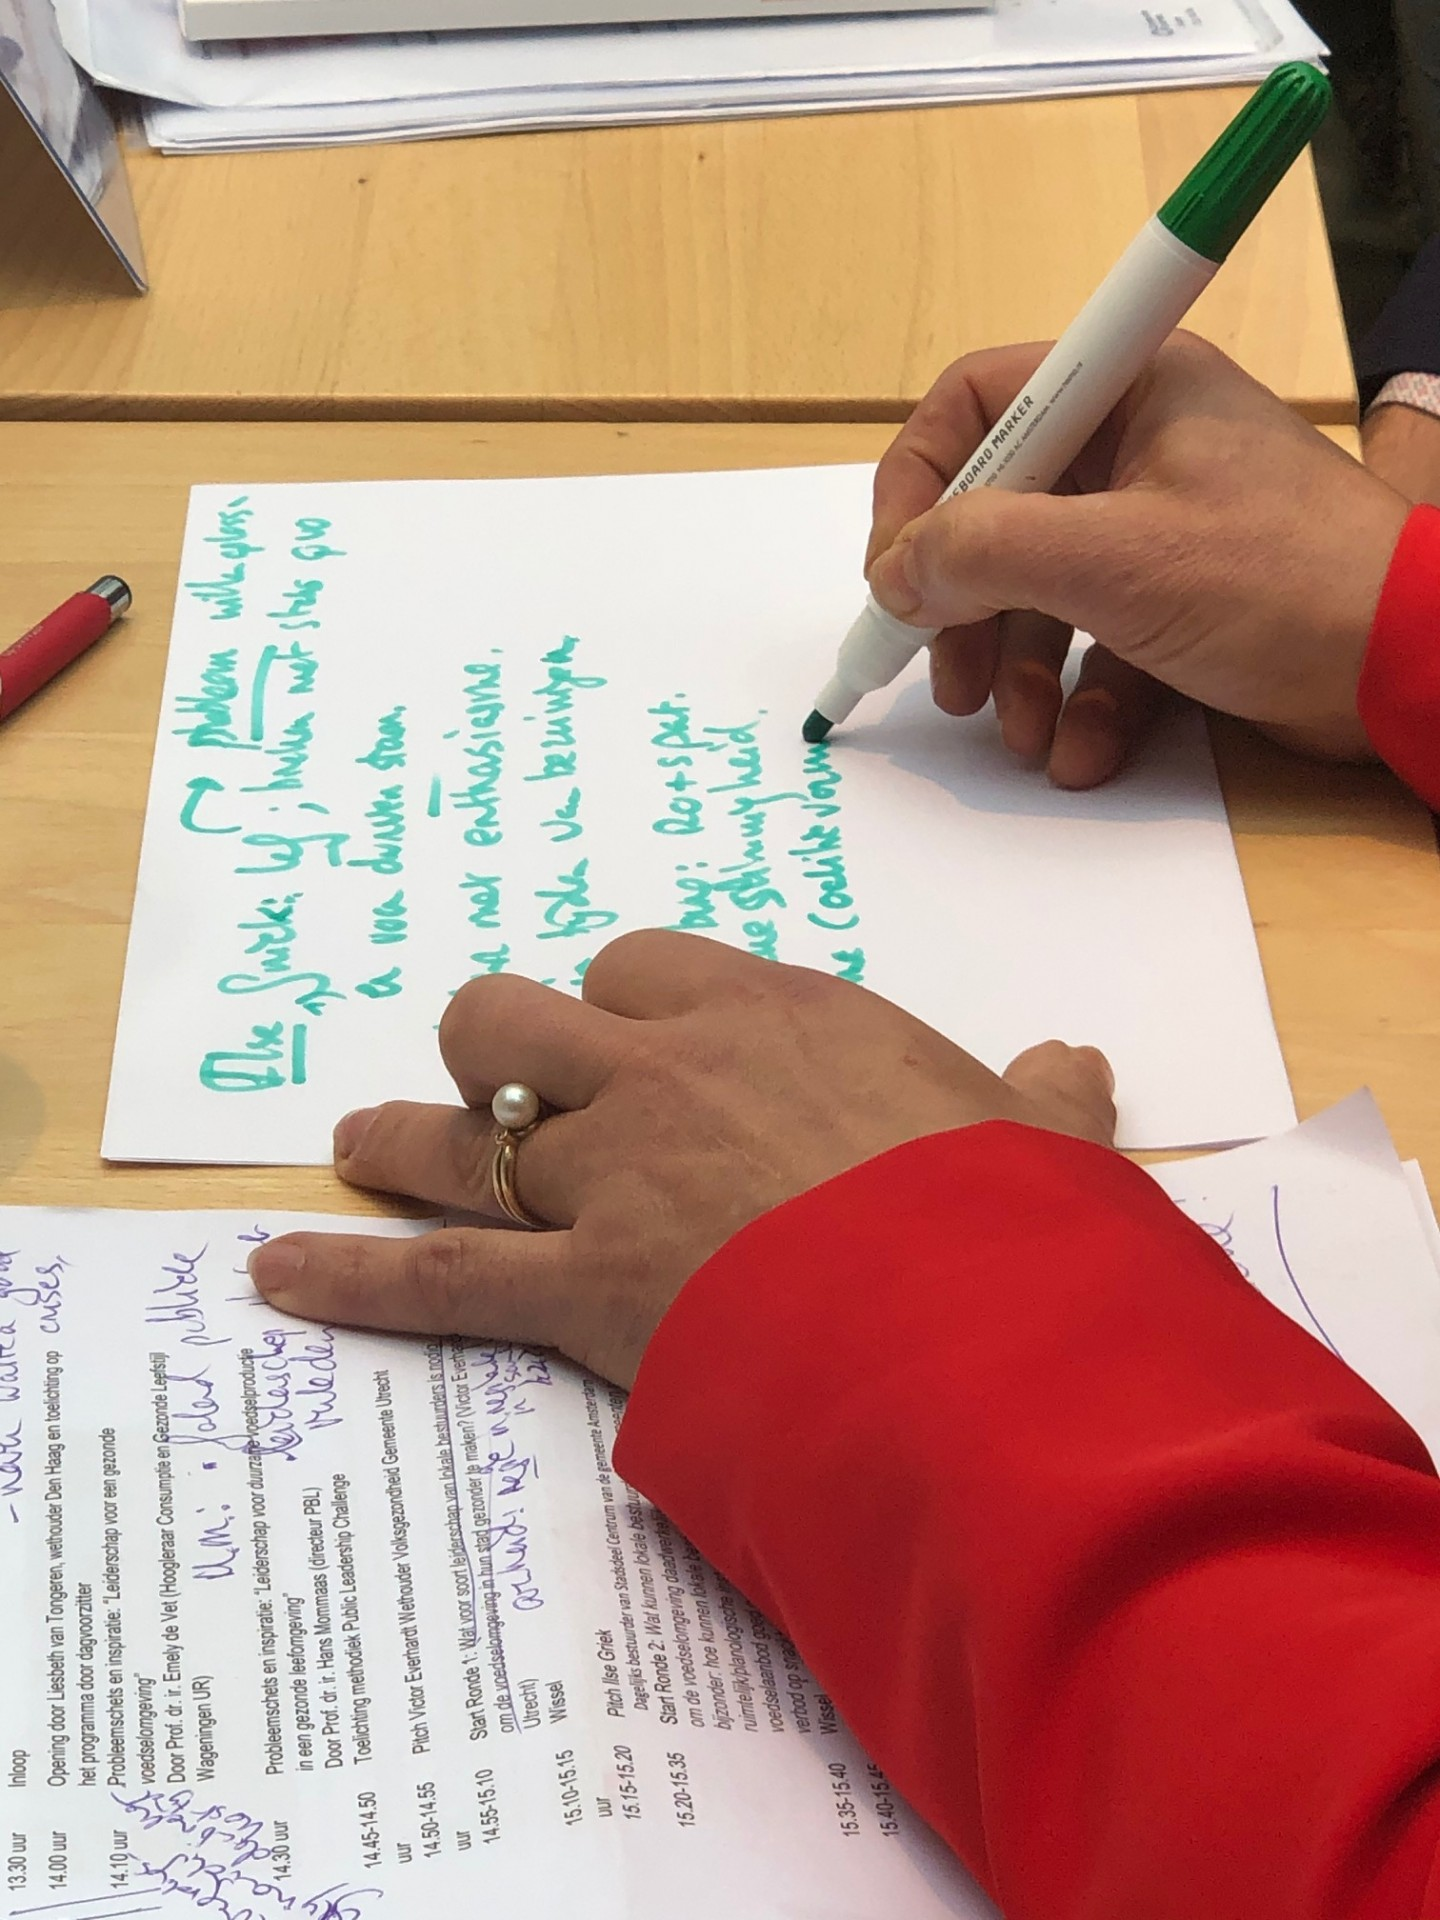 Een deelnemer schrijft mee tijdens de PLC bijeenkomst op 16 oktober 2019 in Den Haag